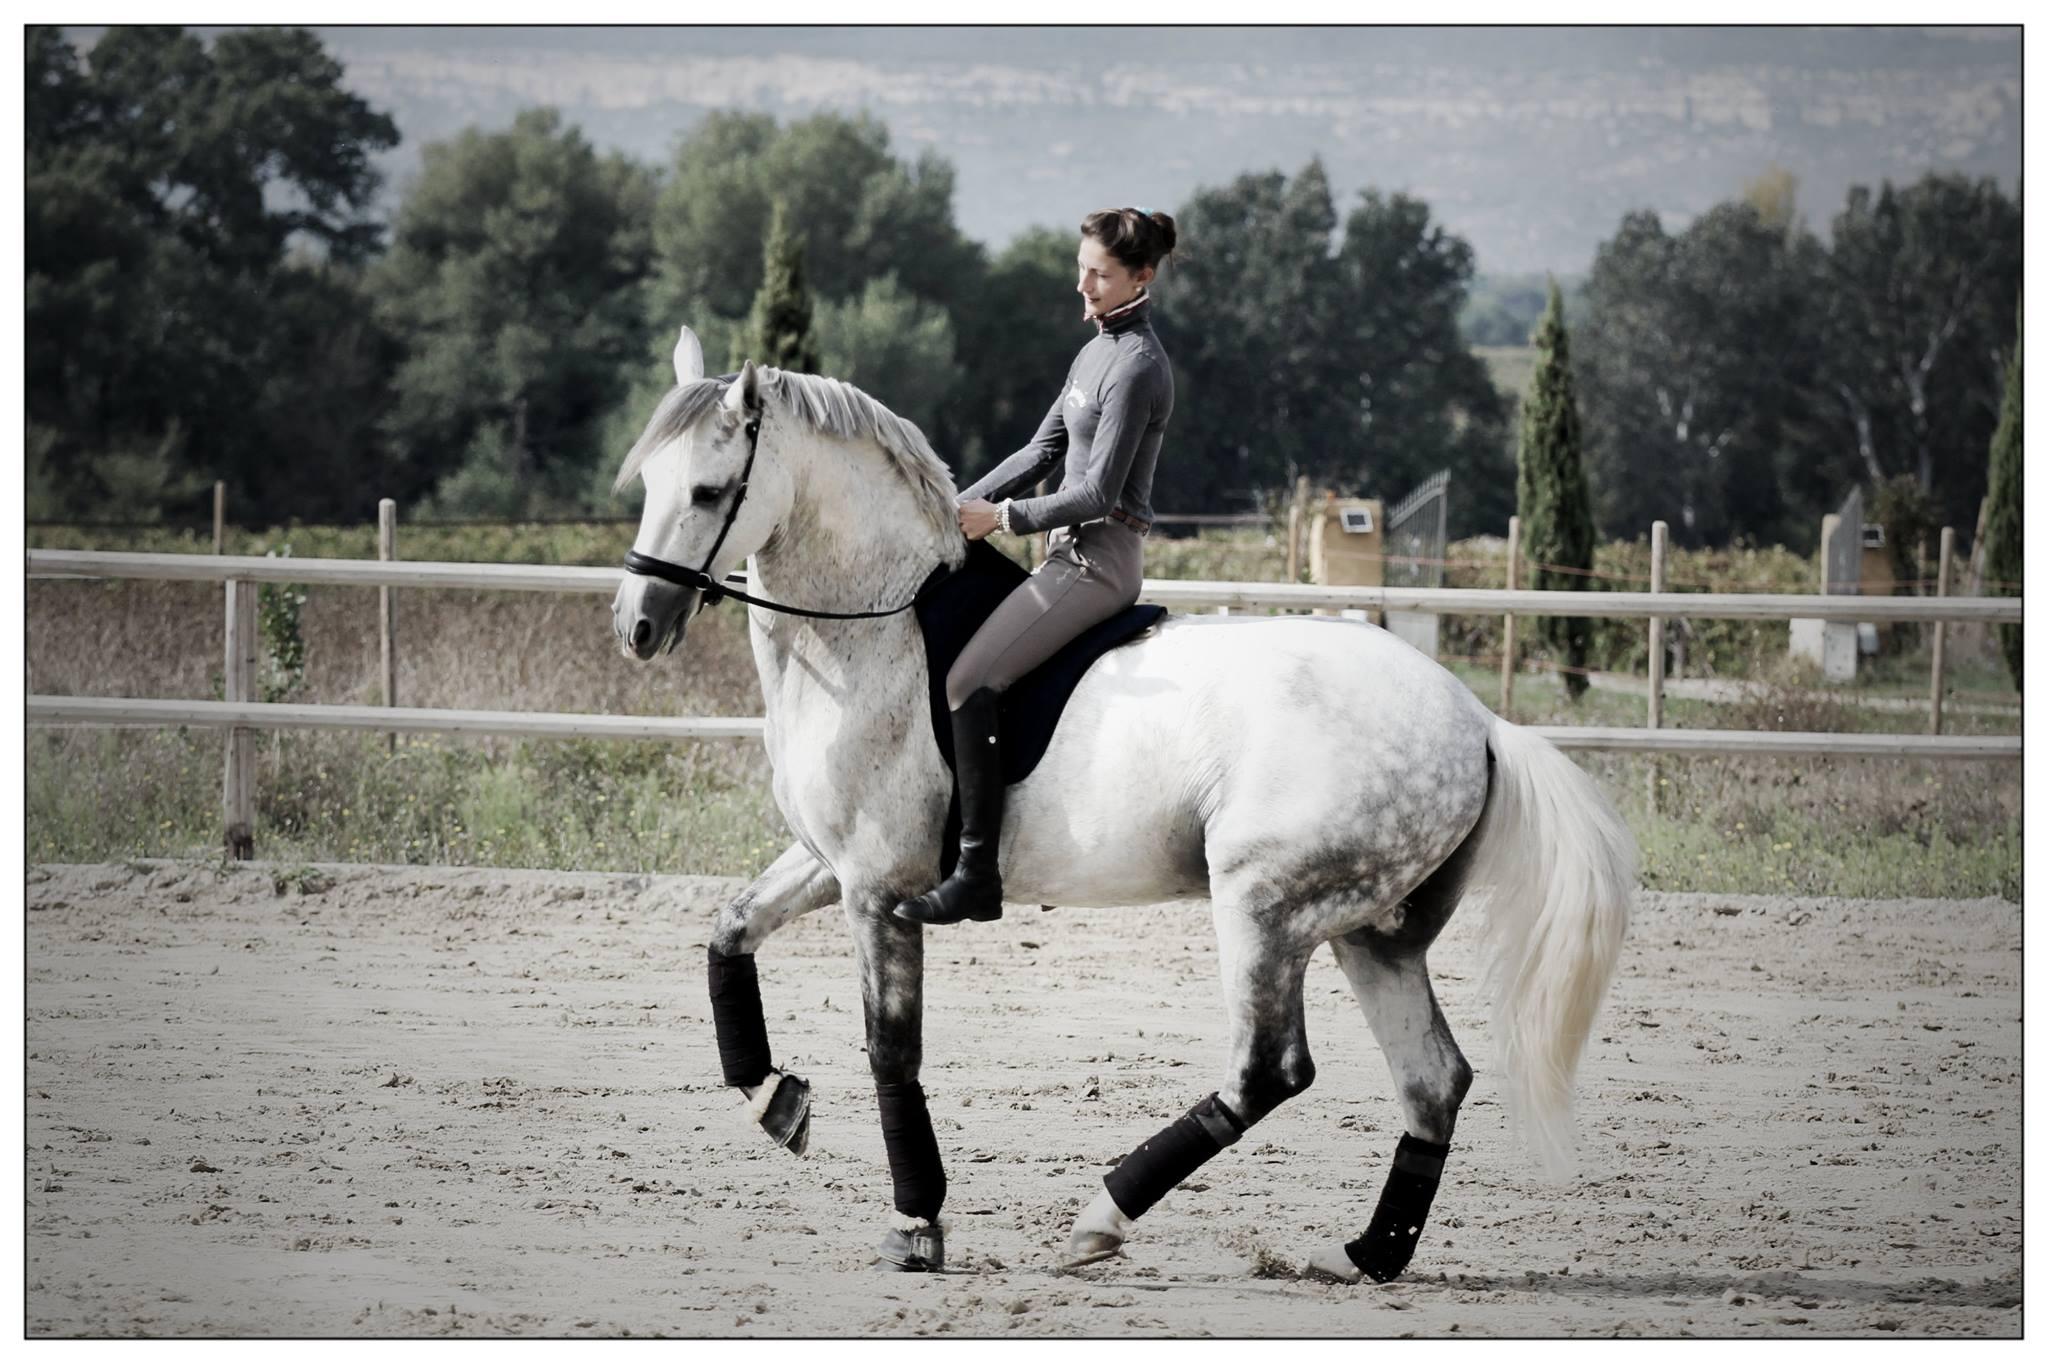 Ализе Фромен: в конном мире сегодня больше радикально настроенных людей - фото 1cheval-com, главная Интервью , конный журнал EquiLIfe